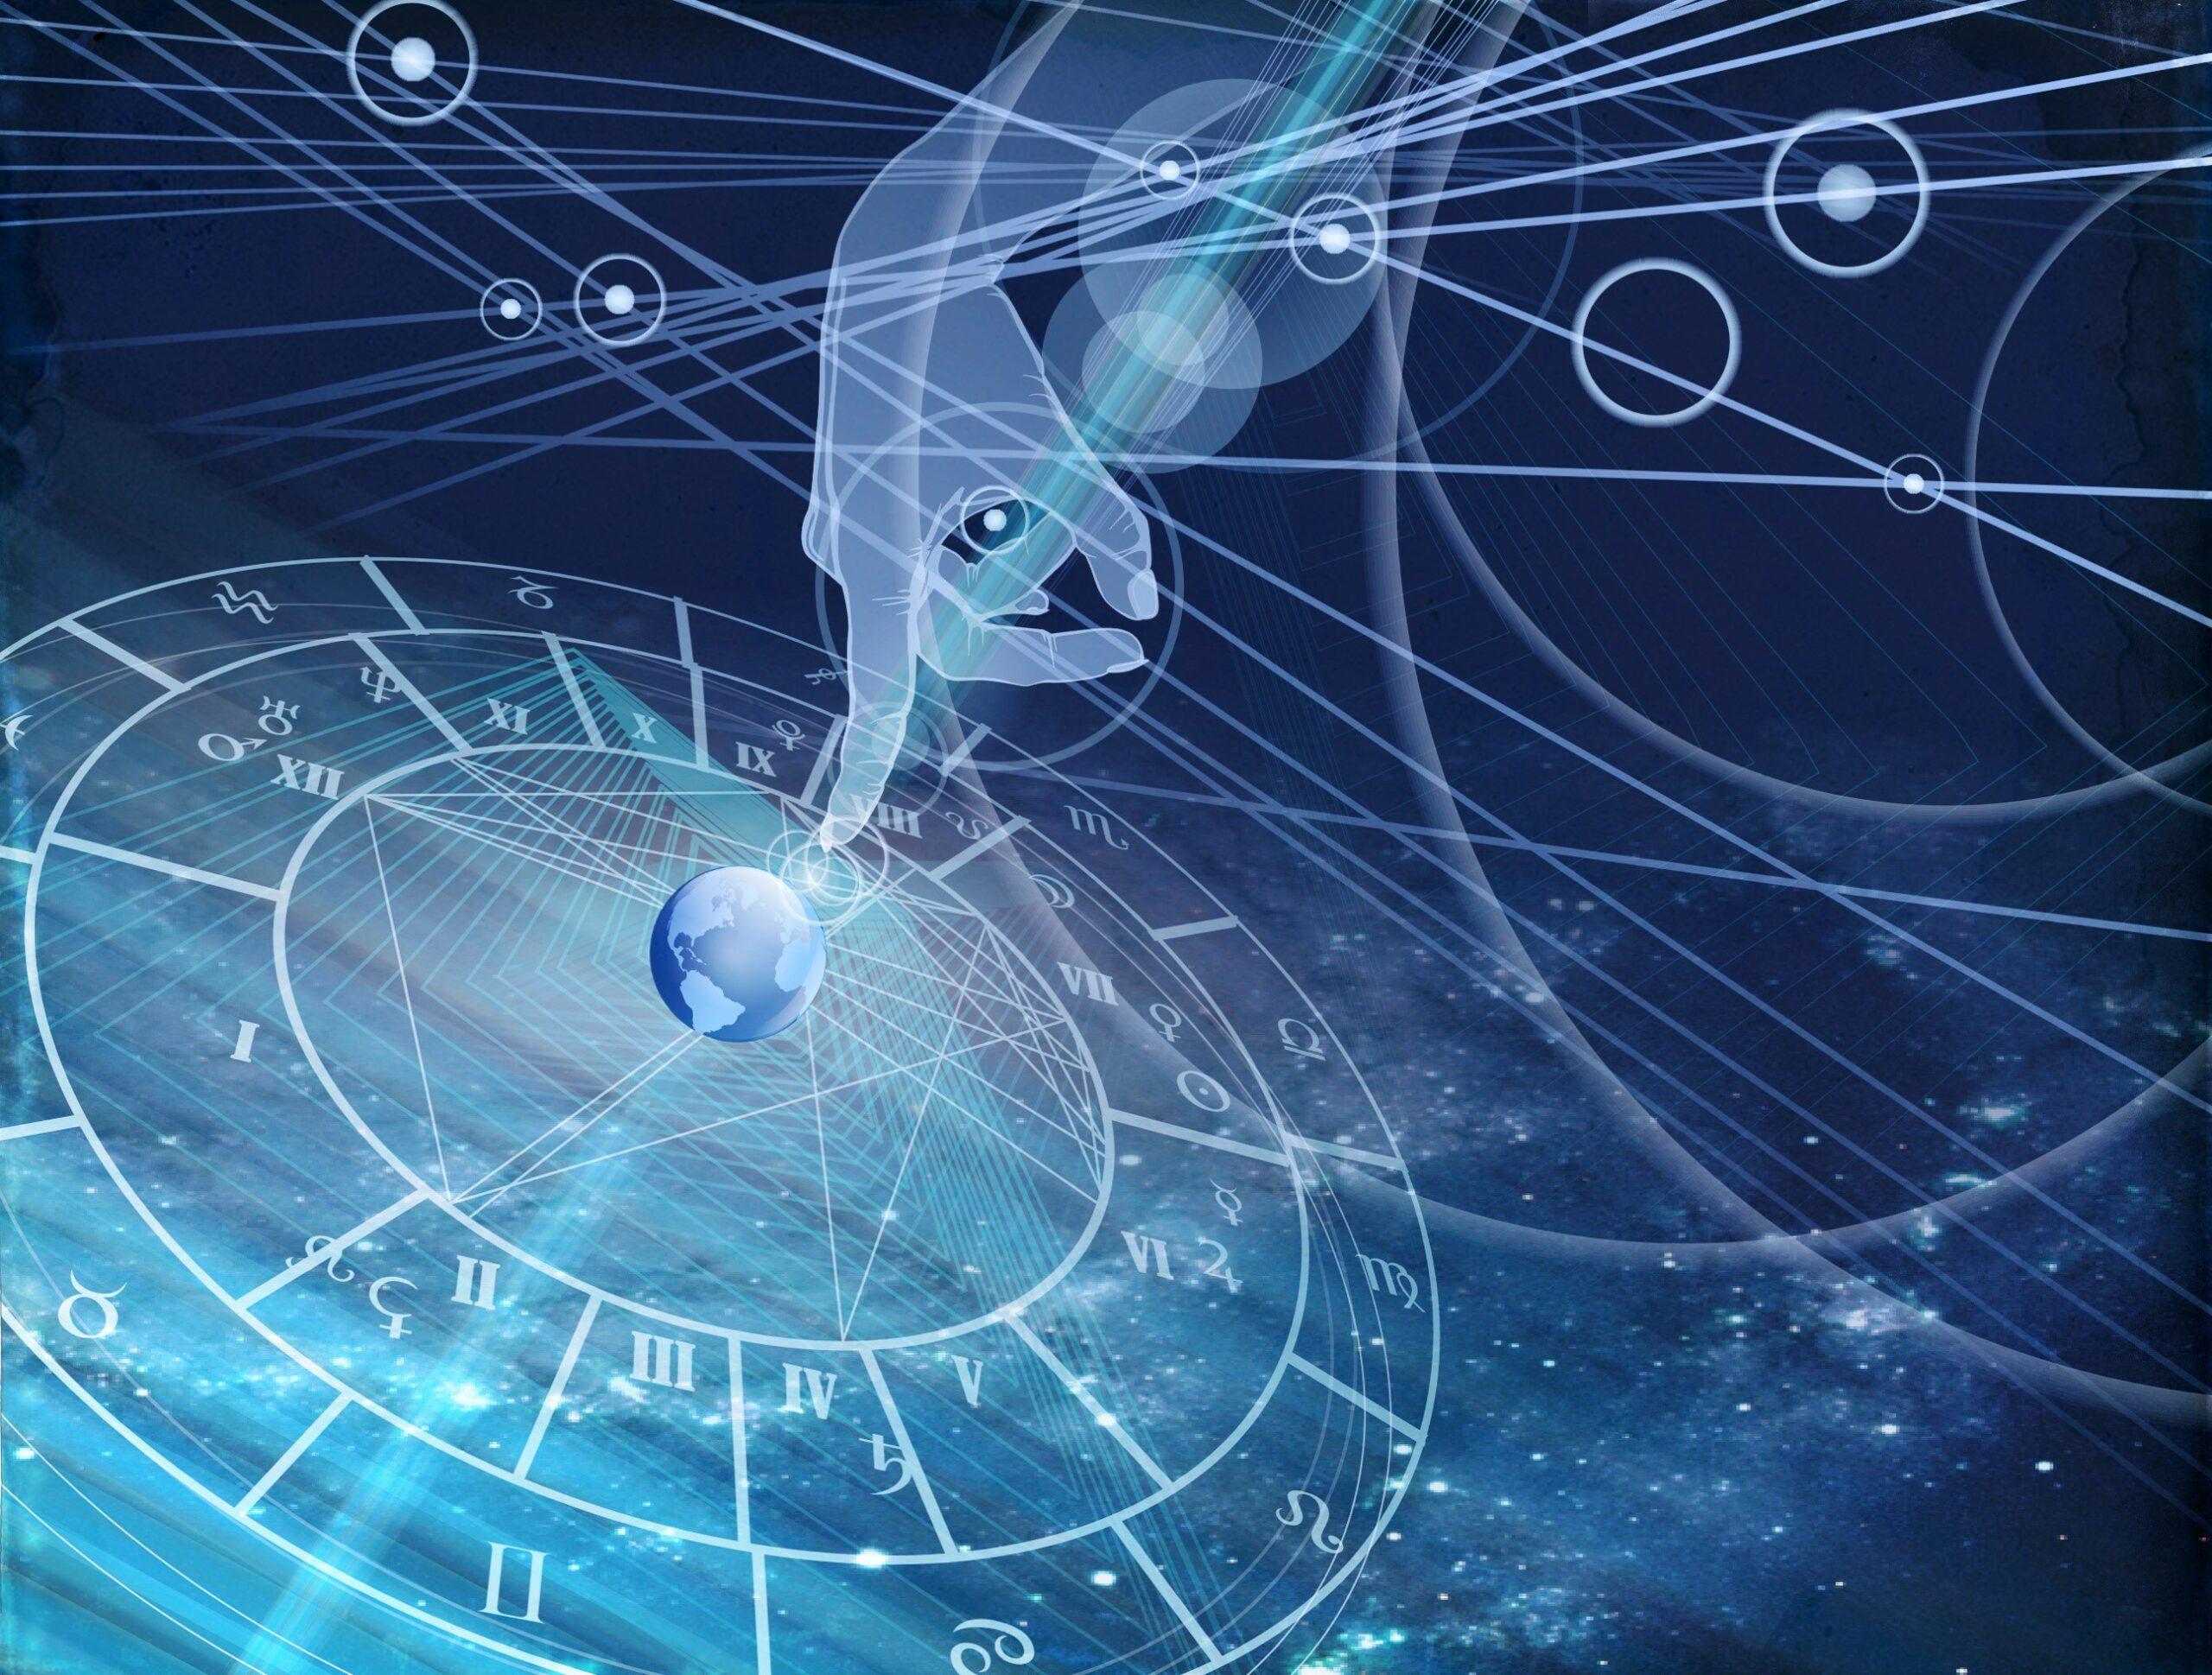 Астрология наука или нет